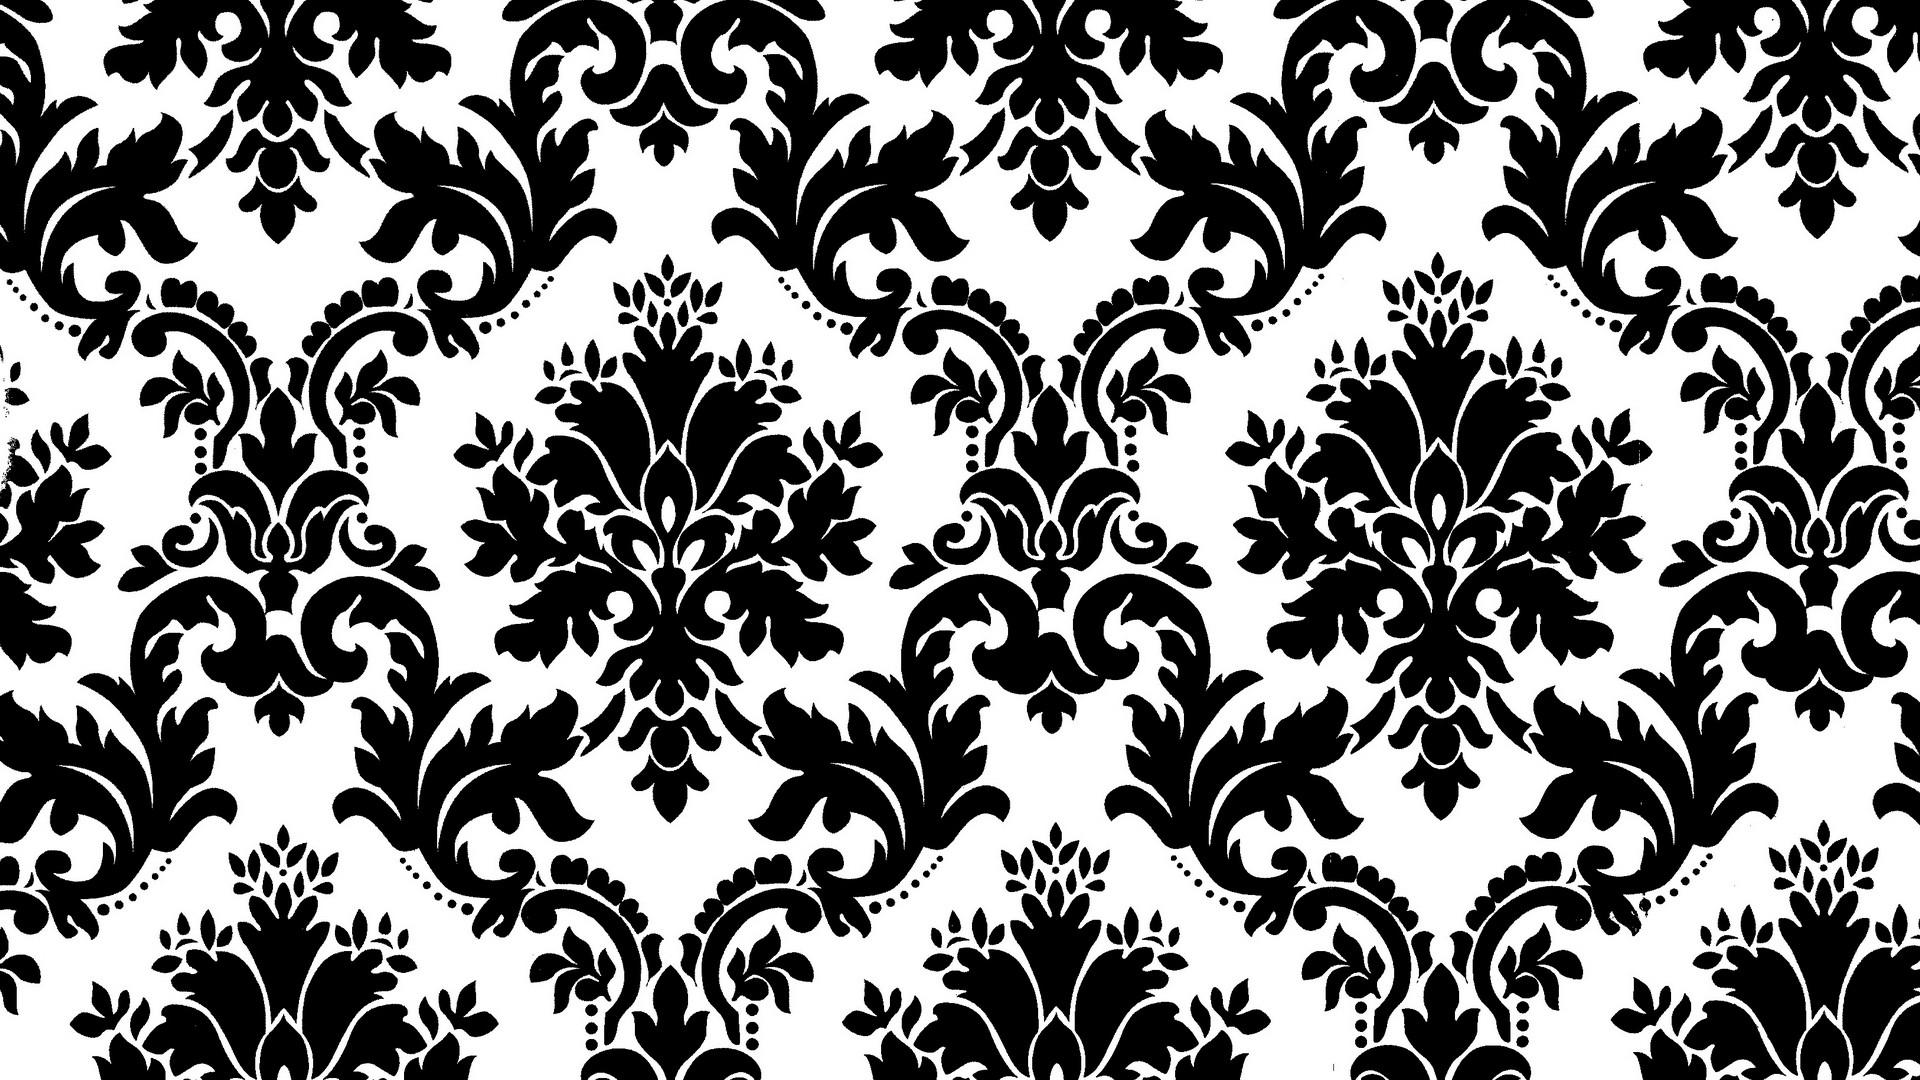 popular wallpaper patterns 2015   Grasscloth Wallpaper 1920x1080